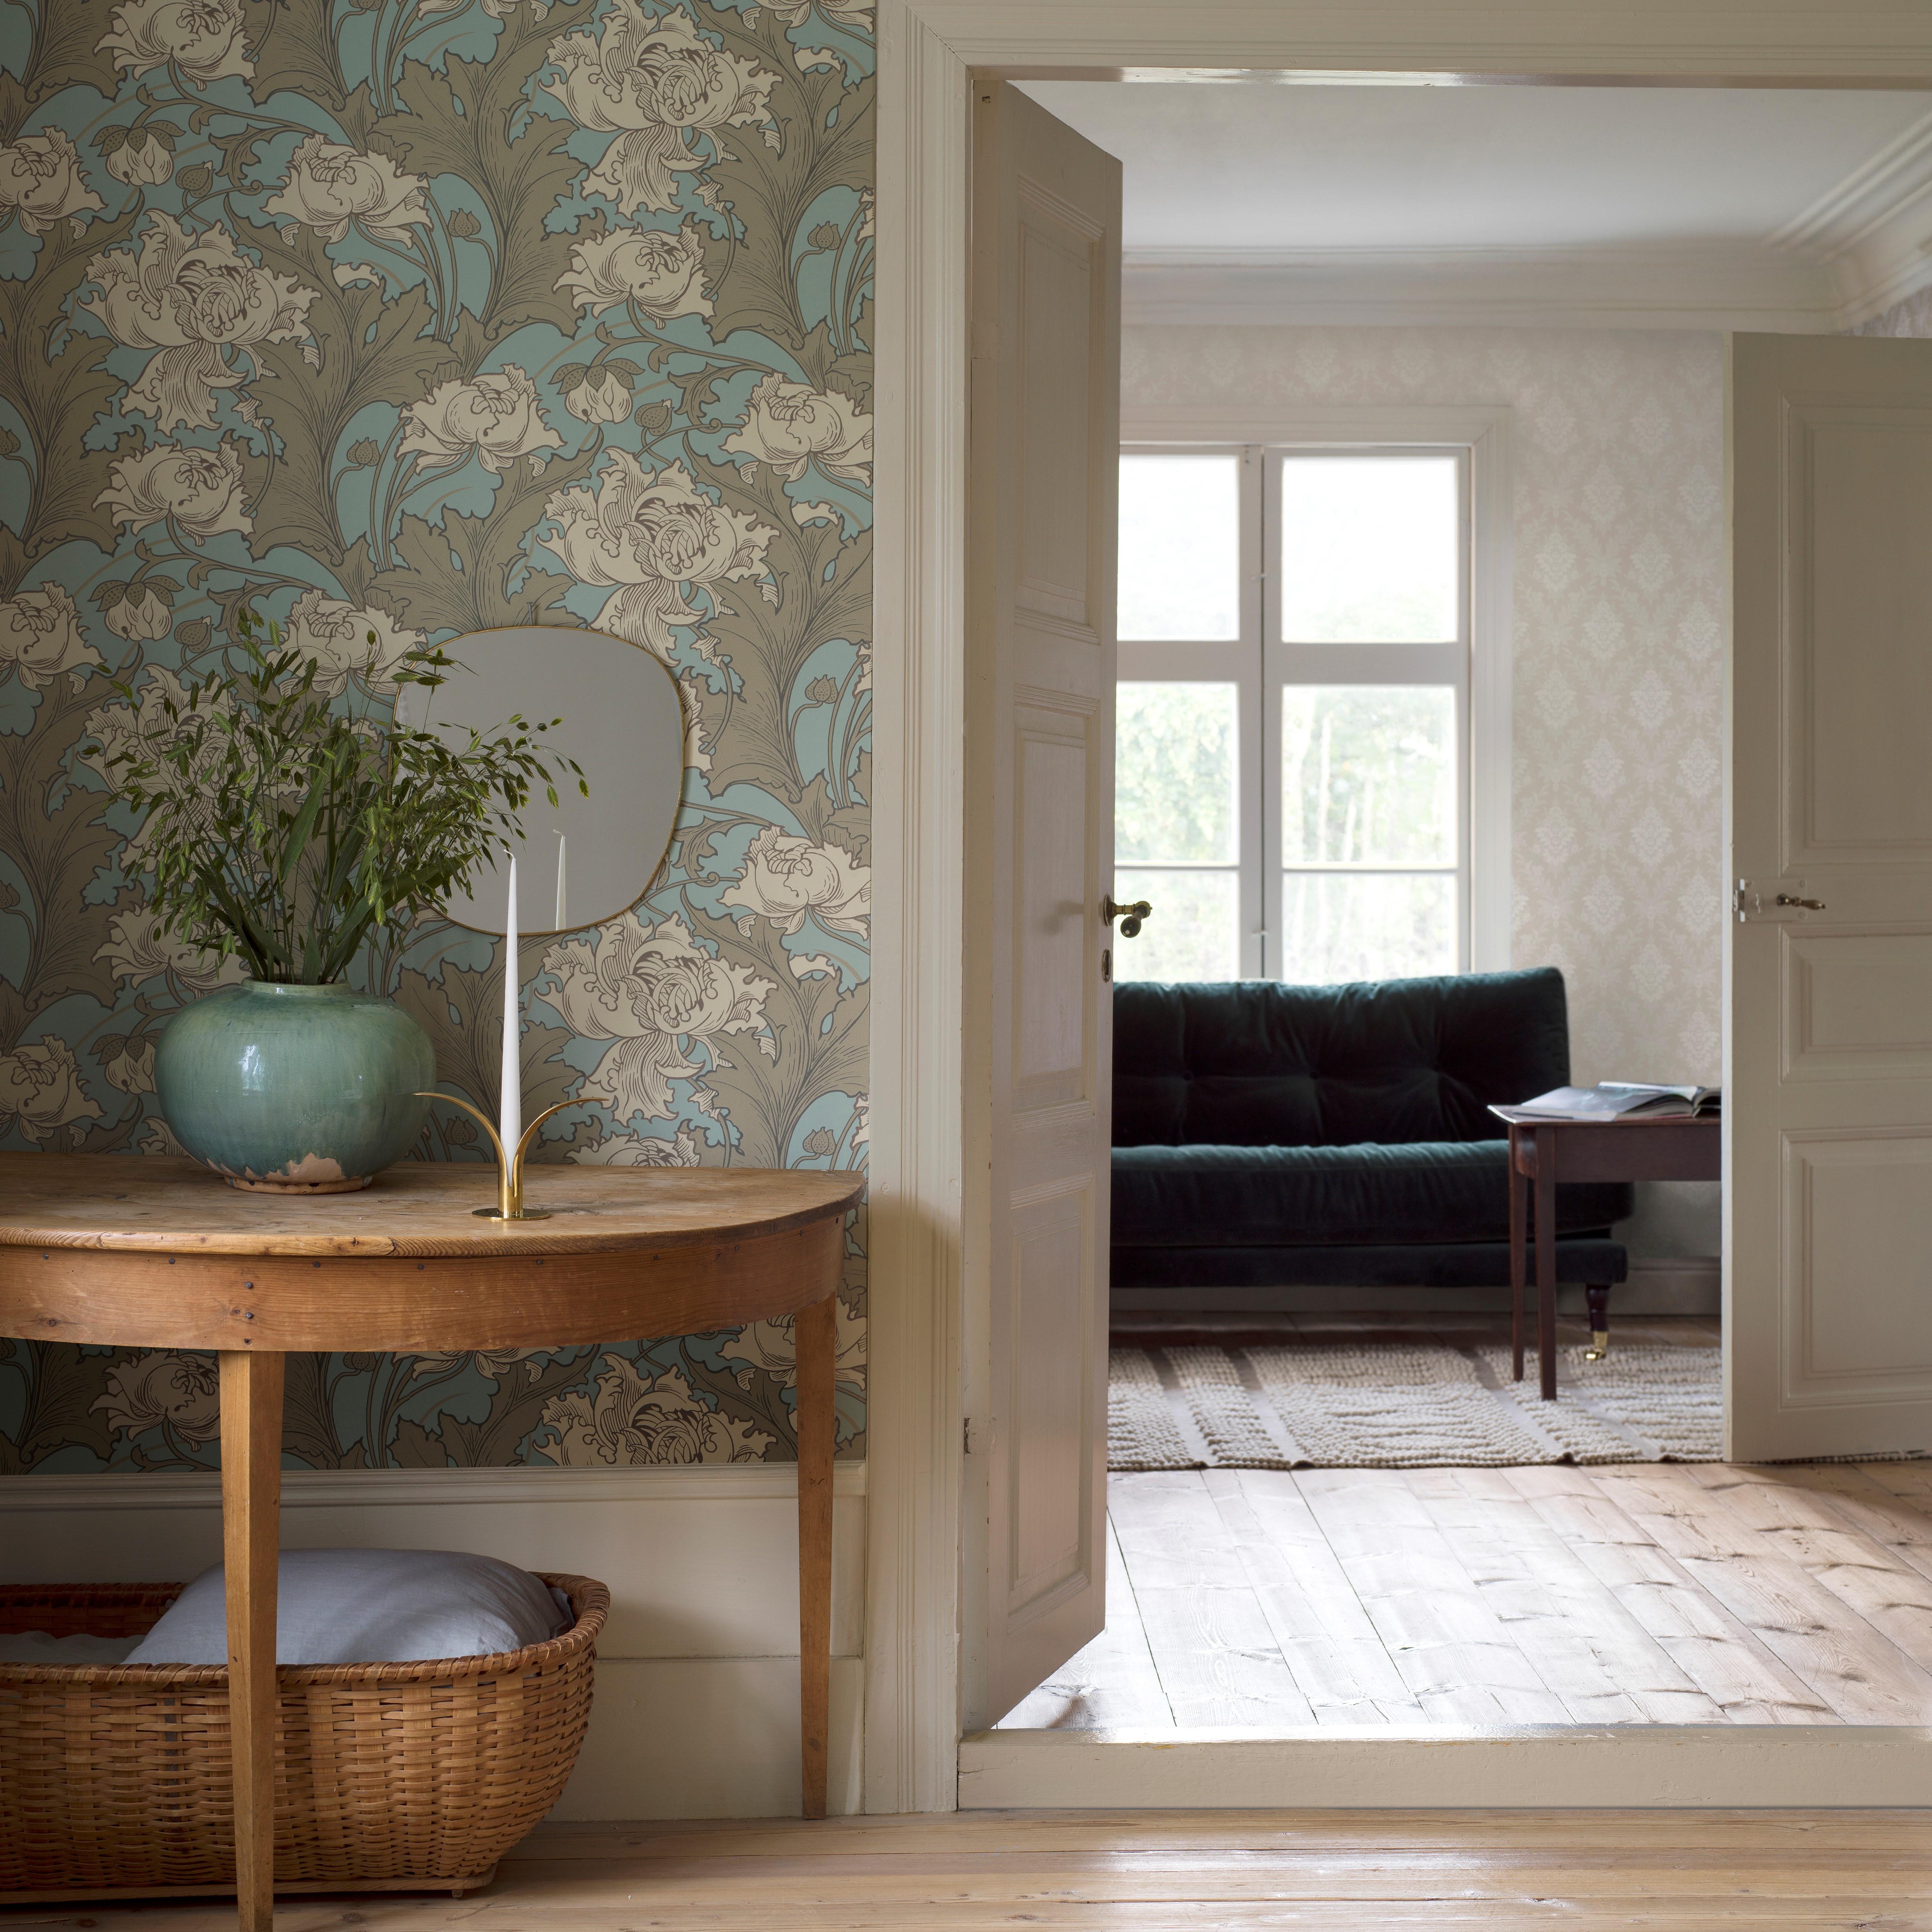 Tapeter i vardagsrum med trägolv